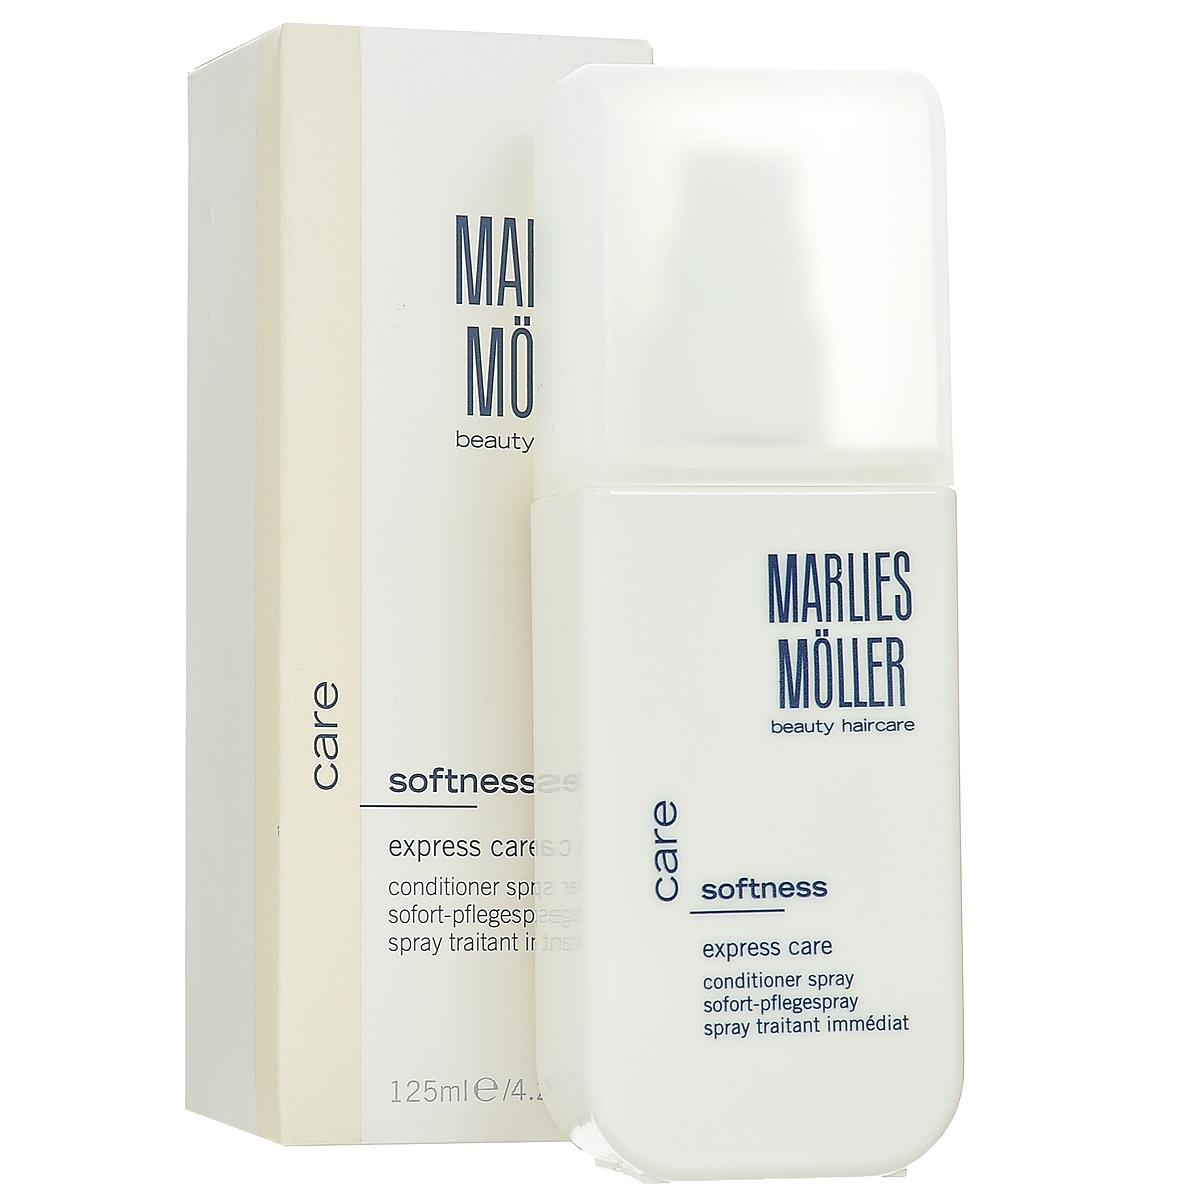 Marlies Moller Кондиционер-спрей для волос Softness, интенсивный, 125 мл03.09.01.2115Кондиционер-спрей - это несмываемый уход, альтернатива обычному смываемому кондиционеру. Несмываемое средство находится на волосах дольше, следовательно, работает эффективнее. Делает волосы гладкими и струящимися. Мгновенно увлажняет, восстанавливает эластичность и сияние волос. Облегчает расчесывание, оказывает антистатический эффект. Подчеркивает локоны вьющихся волос. Премиальный уход с профессиональным эффектом. Высокая концентрация активных компонентов. Мягкое средство без силиконов, позволяет частое применение.Наносите спрей на сухие или подсушенные полотенцем волосы по мере необходимости. Не смывайте.